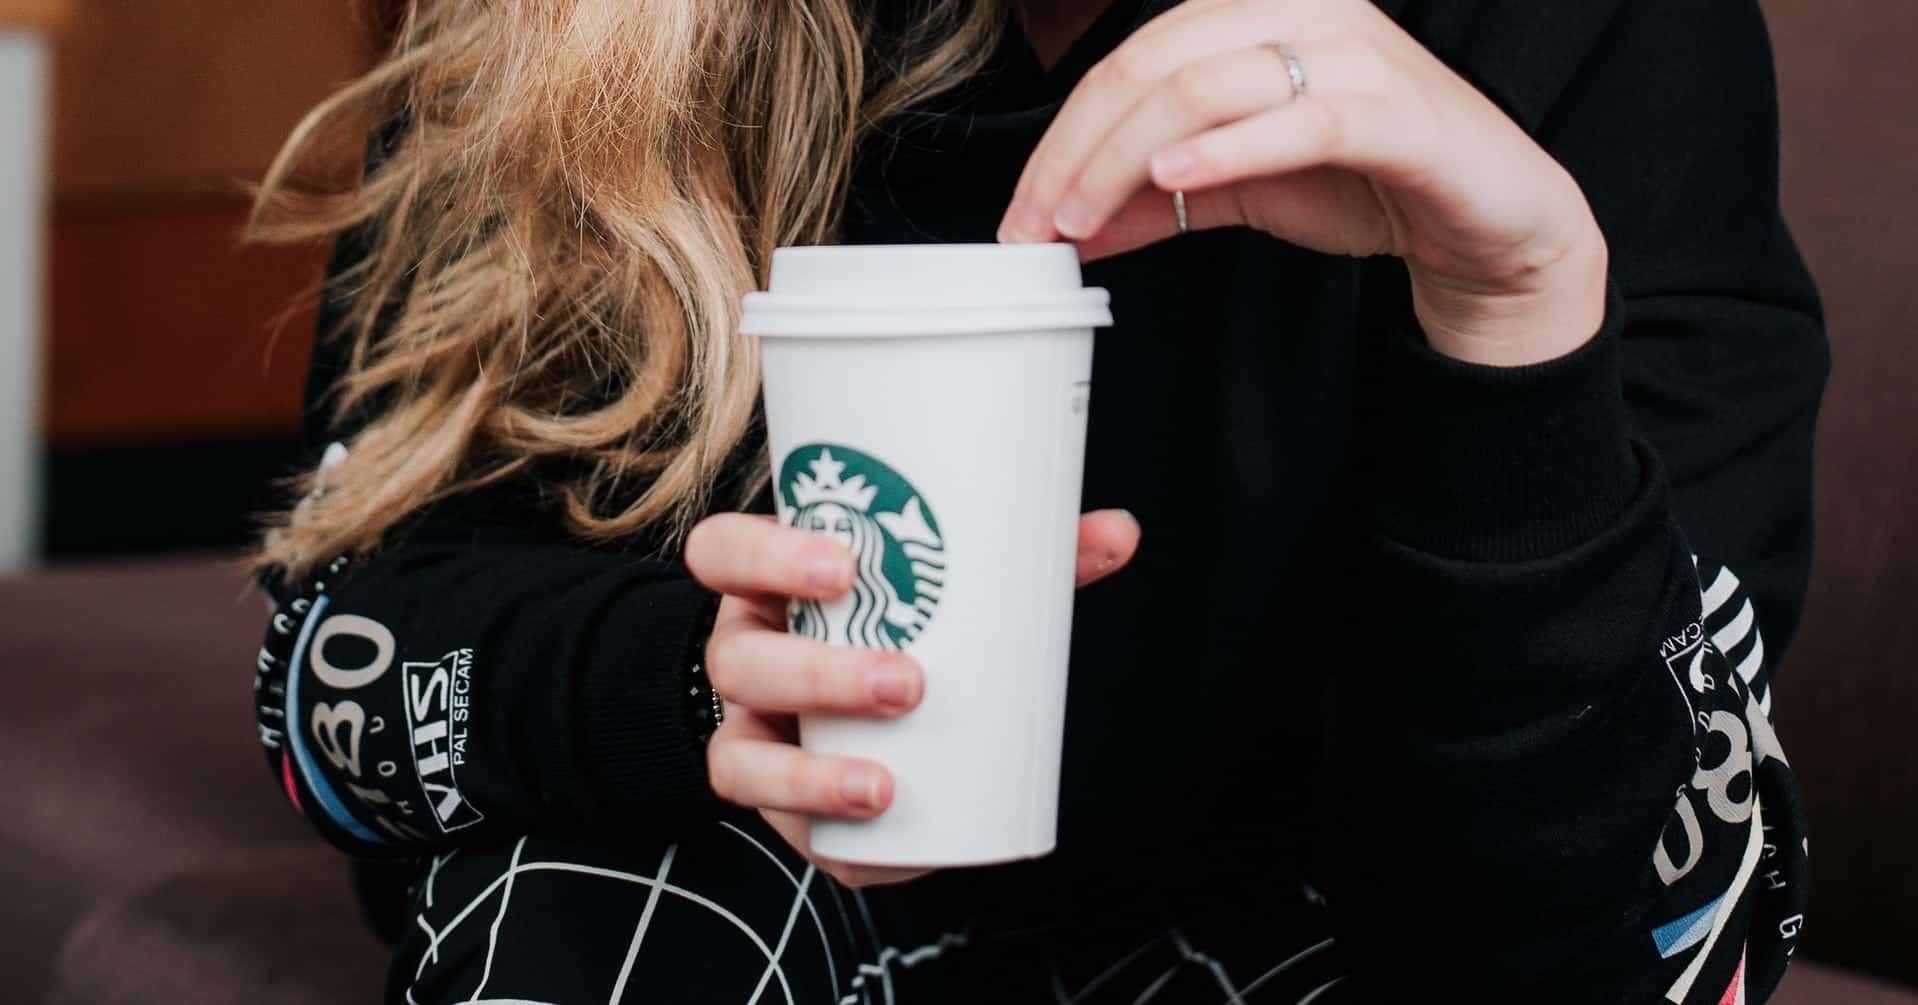 Beli Starbucks ukuran venti dan bagi dua dengan teman agar hemat